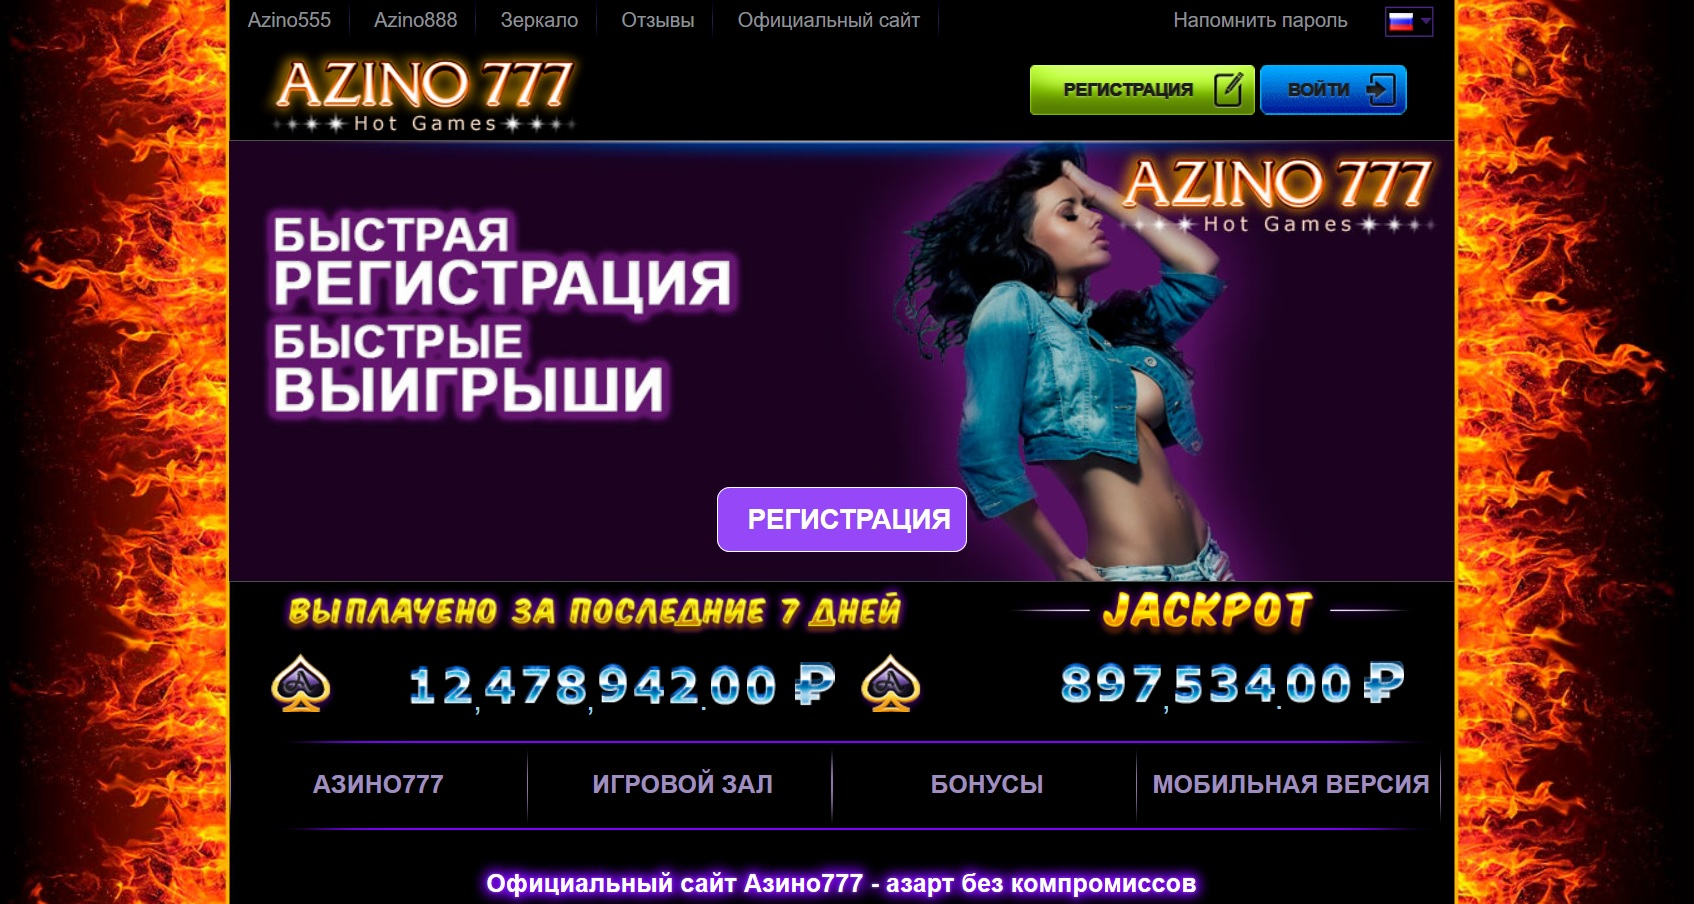 как зайти на официальный сайт азино 777